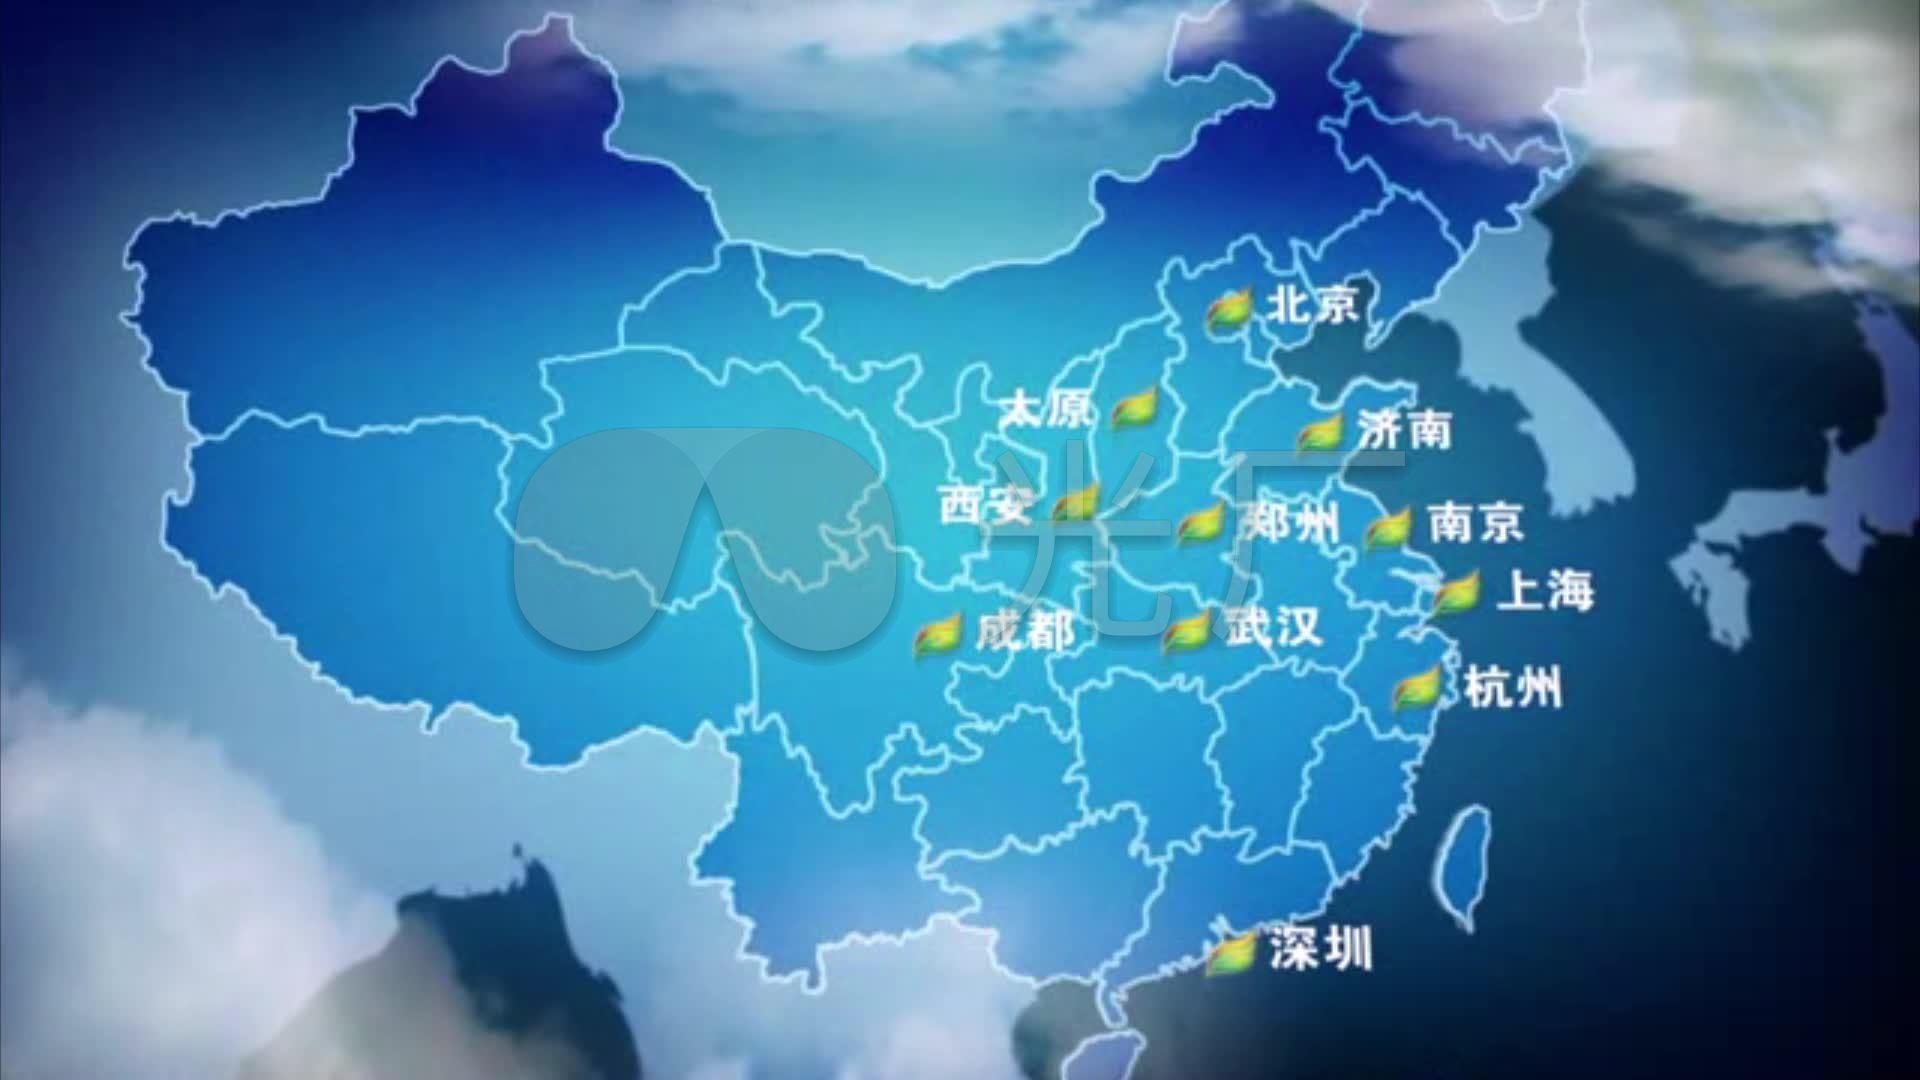 地球放大中国地图城市_1920X1080_高清视频